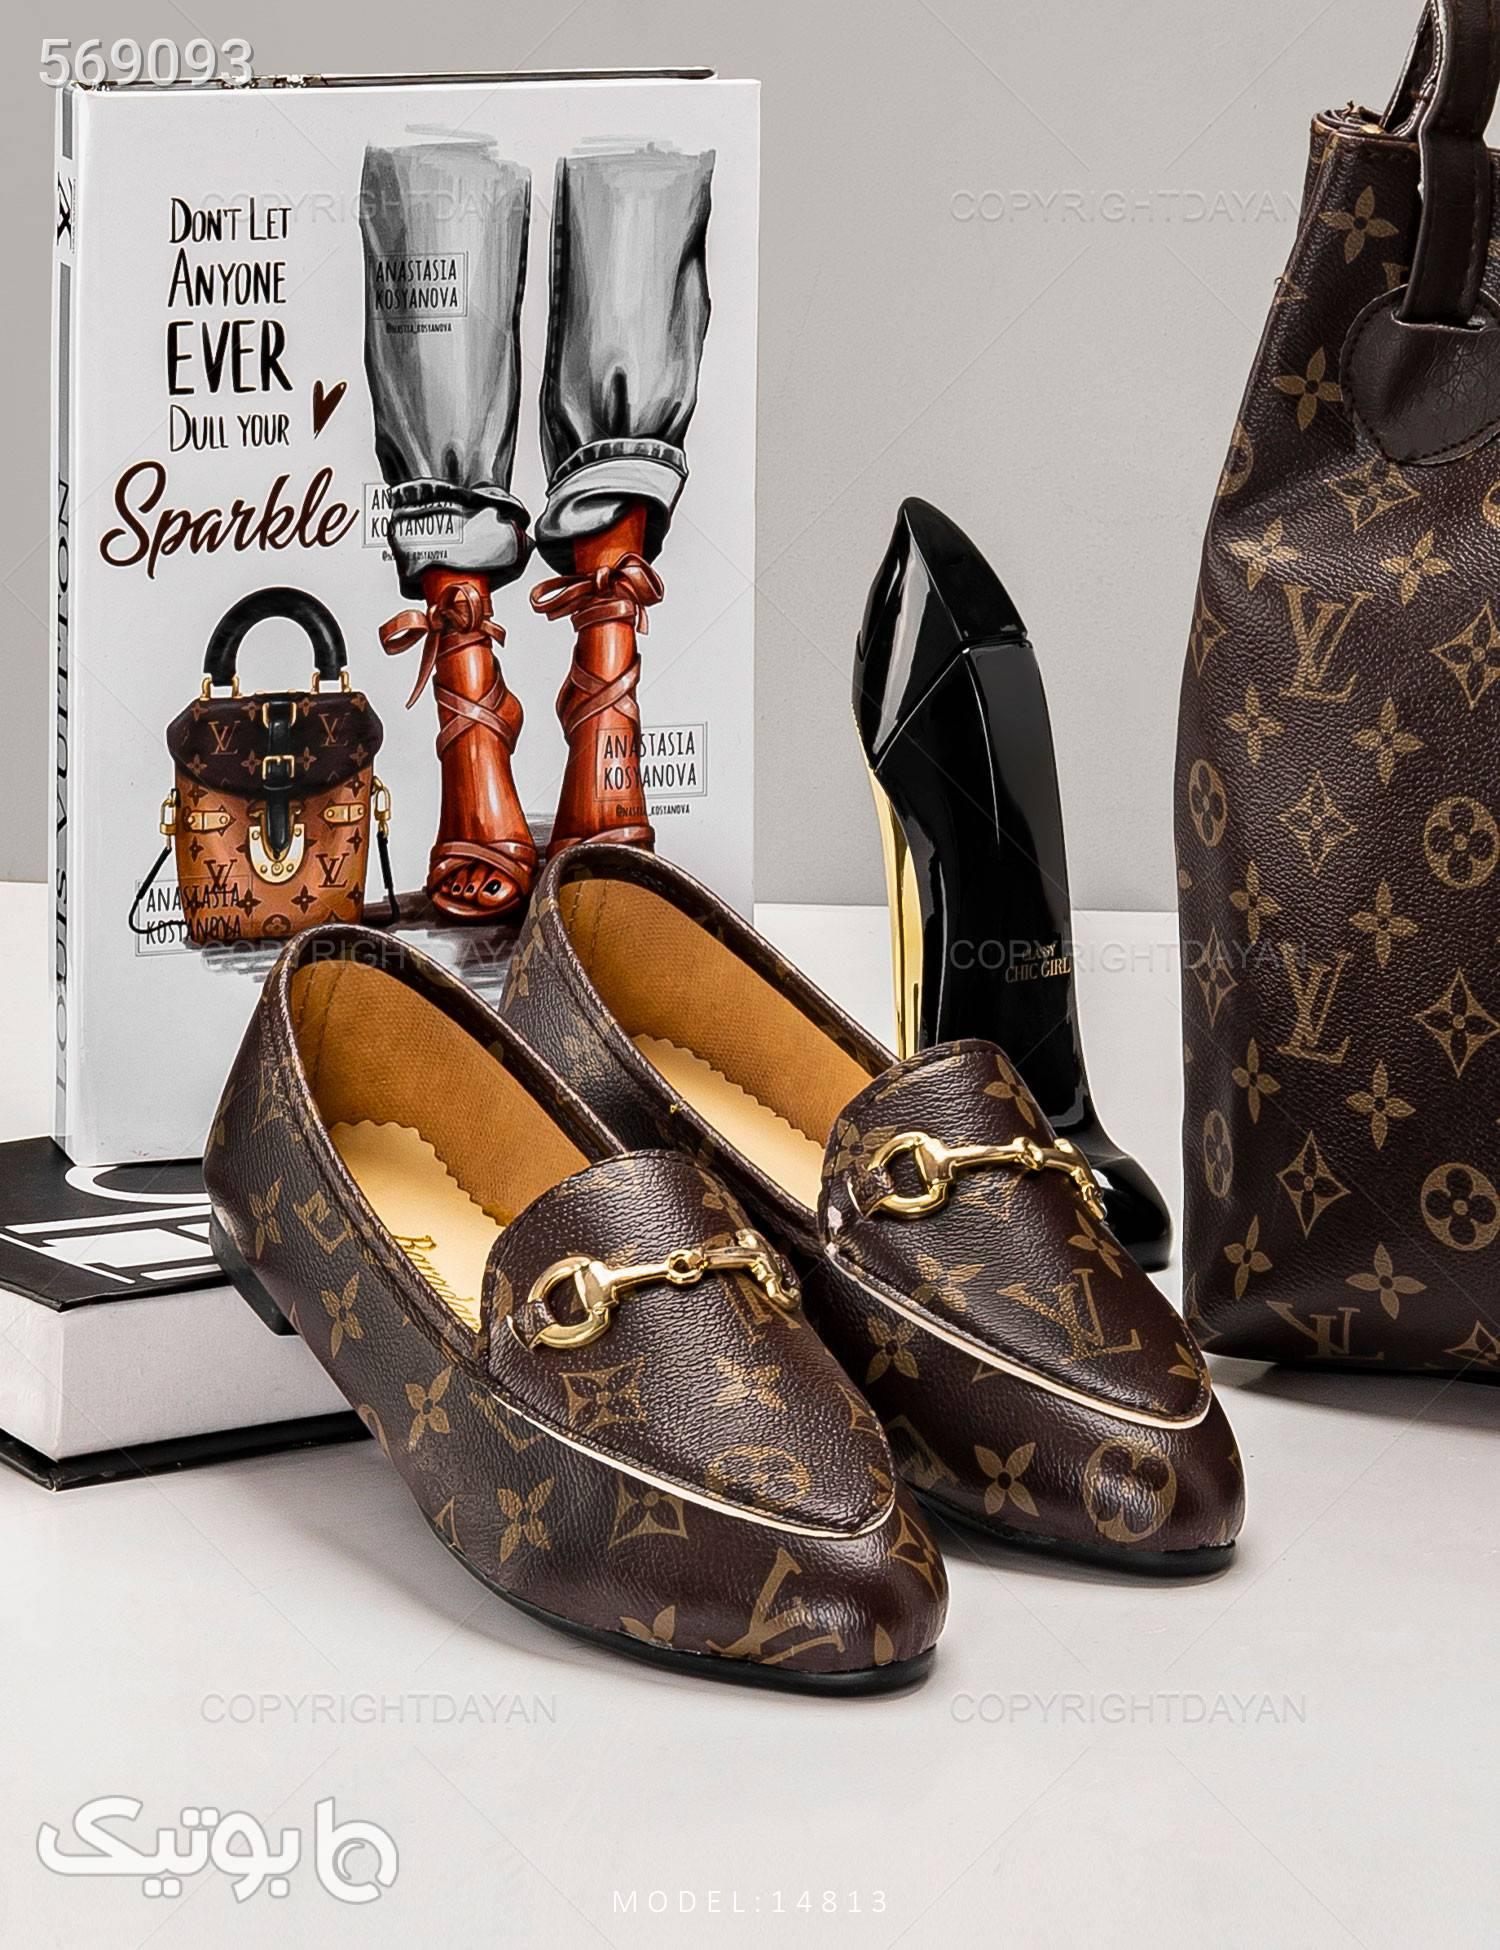 ست کیف و کفش زنانه Louis Vuitton مدل 14813 قهوه ای ست کیف و کفش زنانه